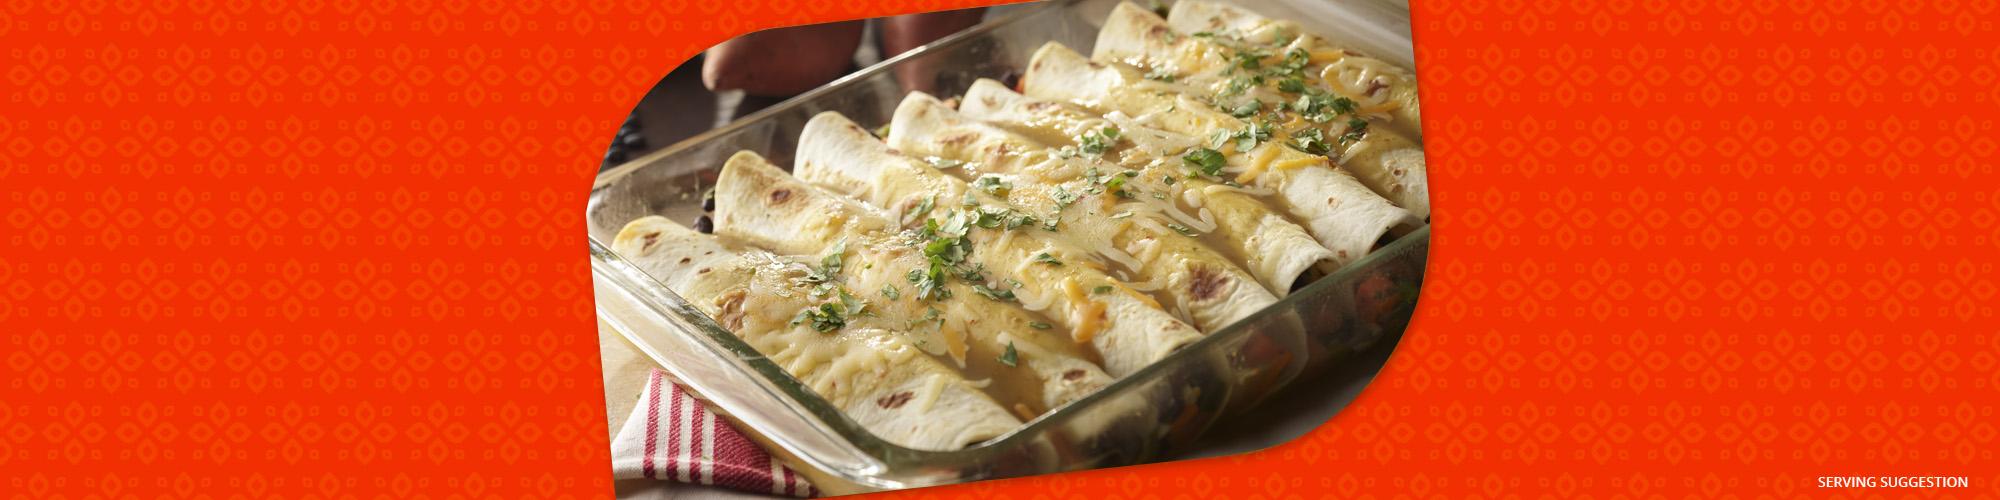 Salsas black bean and sweet potato enchiladas